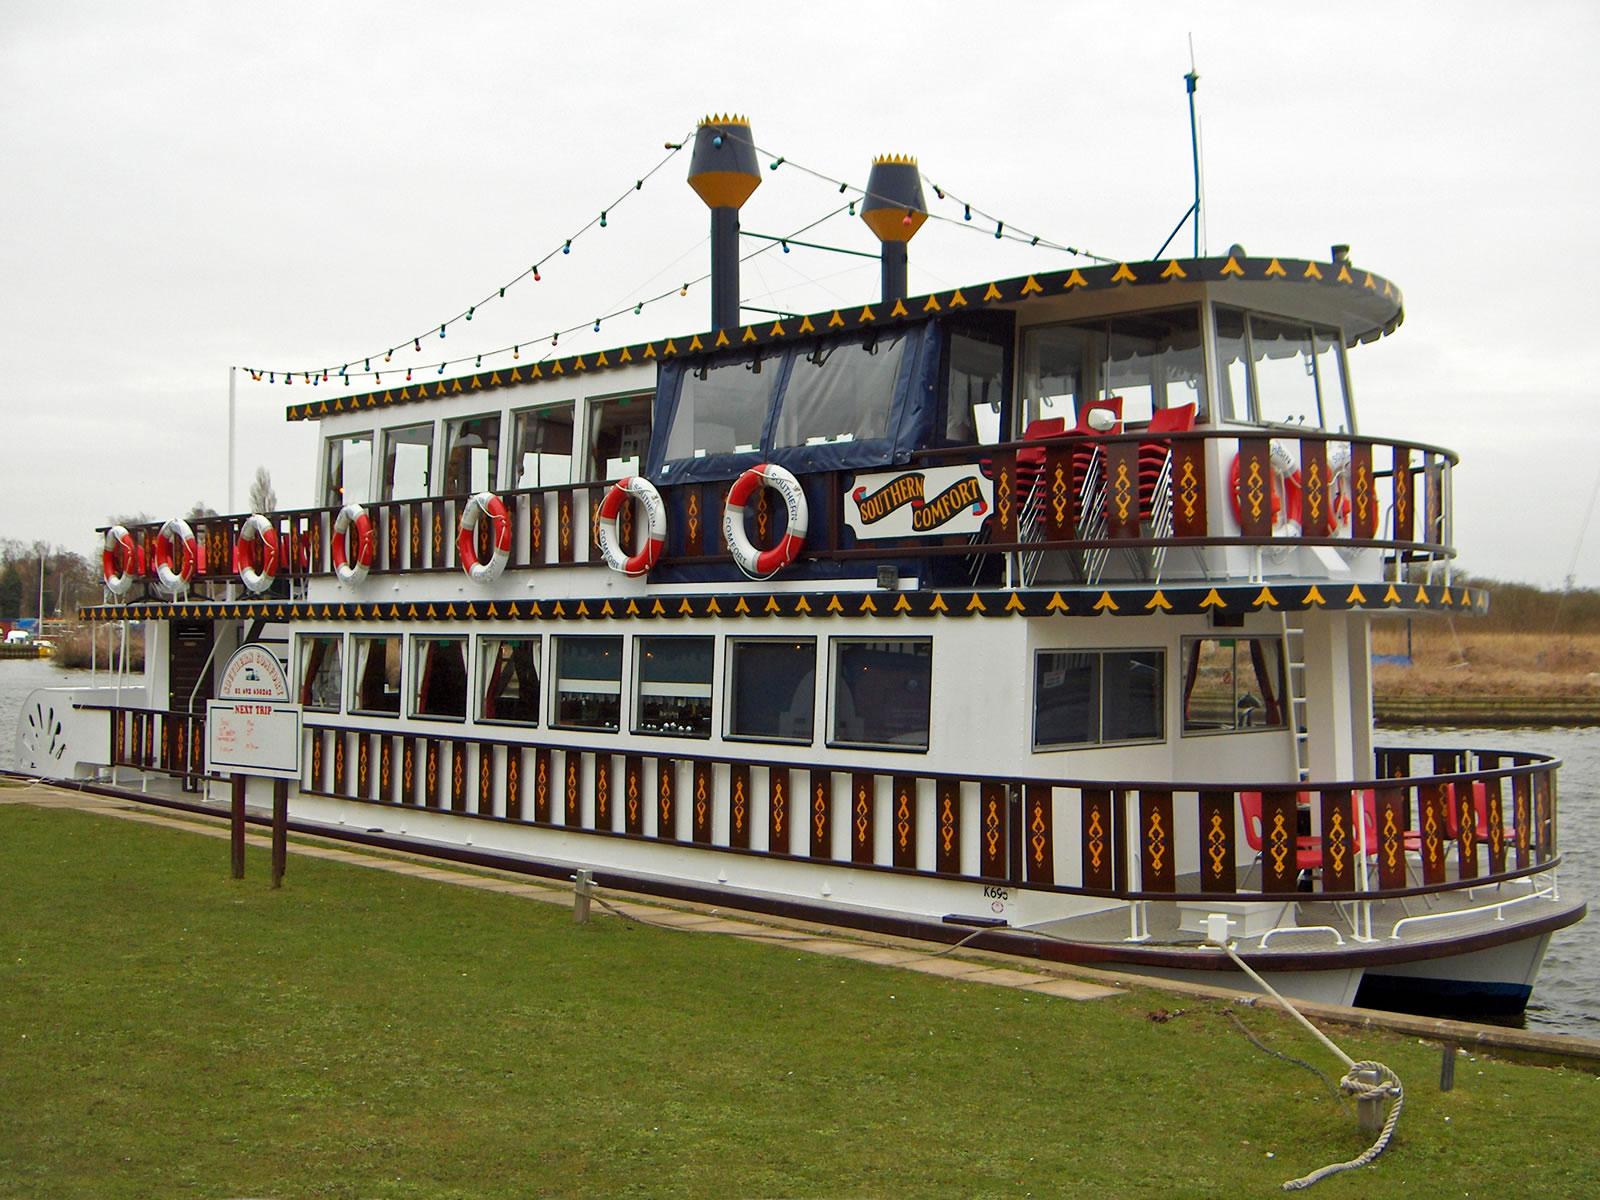 Horning Norfolk Broads Including Lower Street Horning Ferry